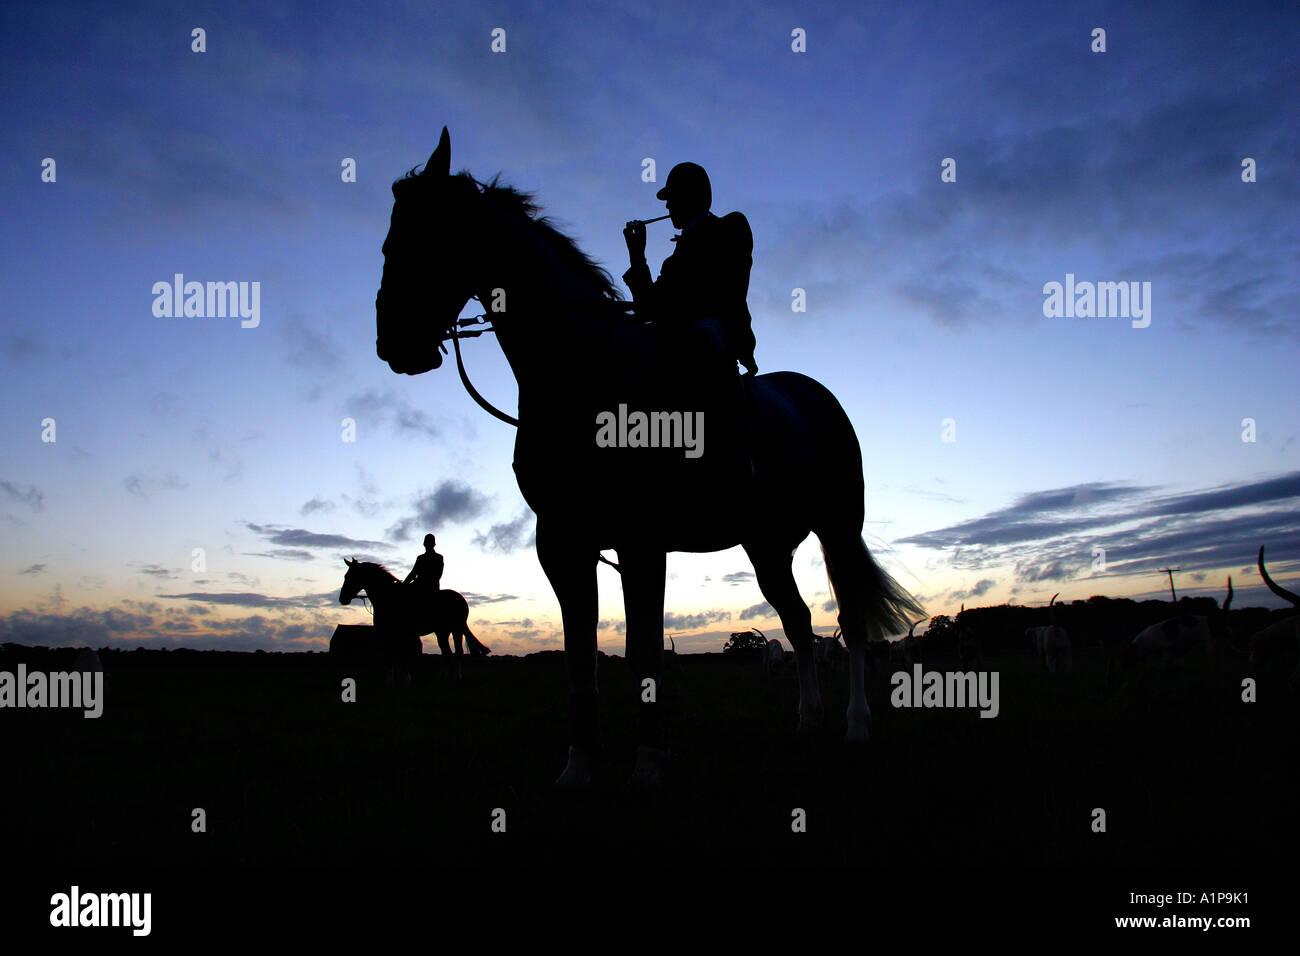 Silueta de cazadores la bocina para indicar el inicio de un amanecer hunt en Gloucester UK Imagen De Stock